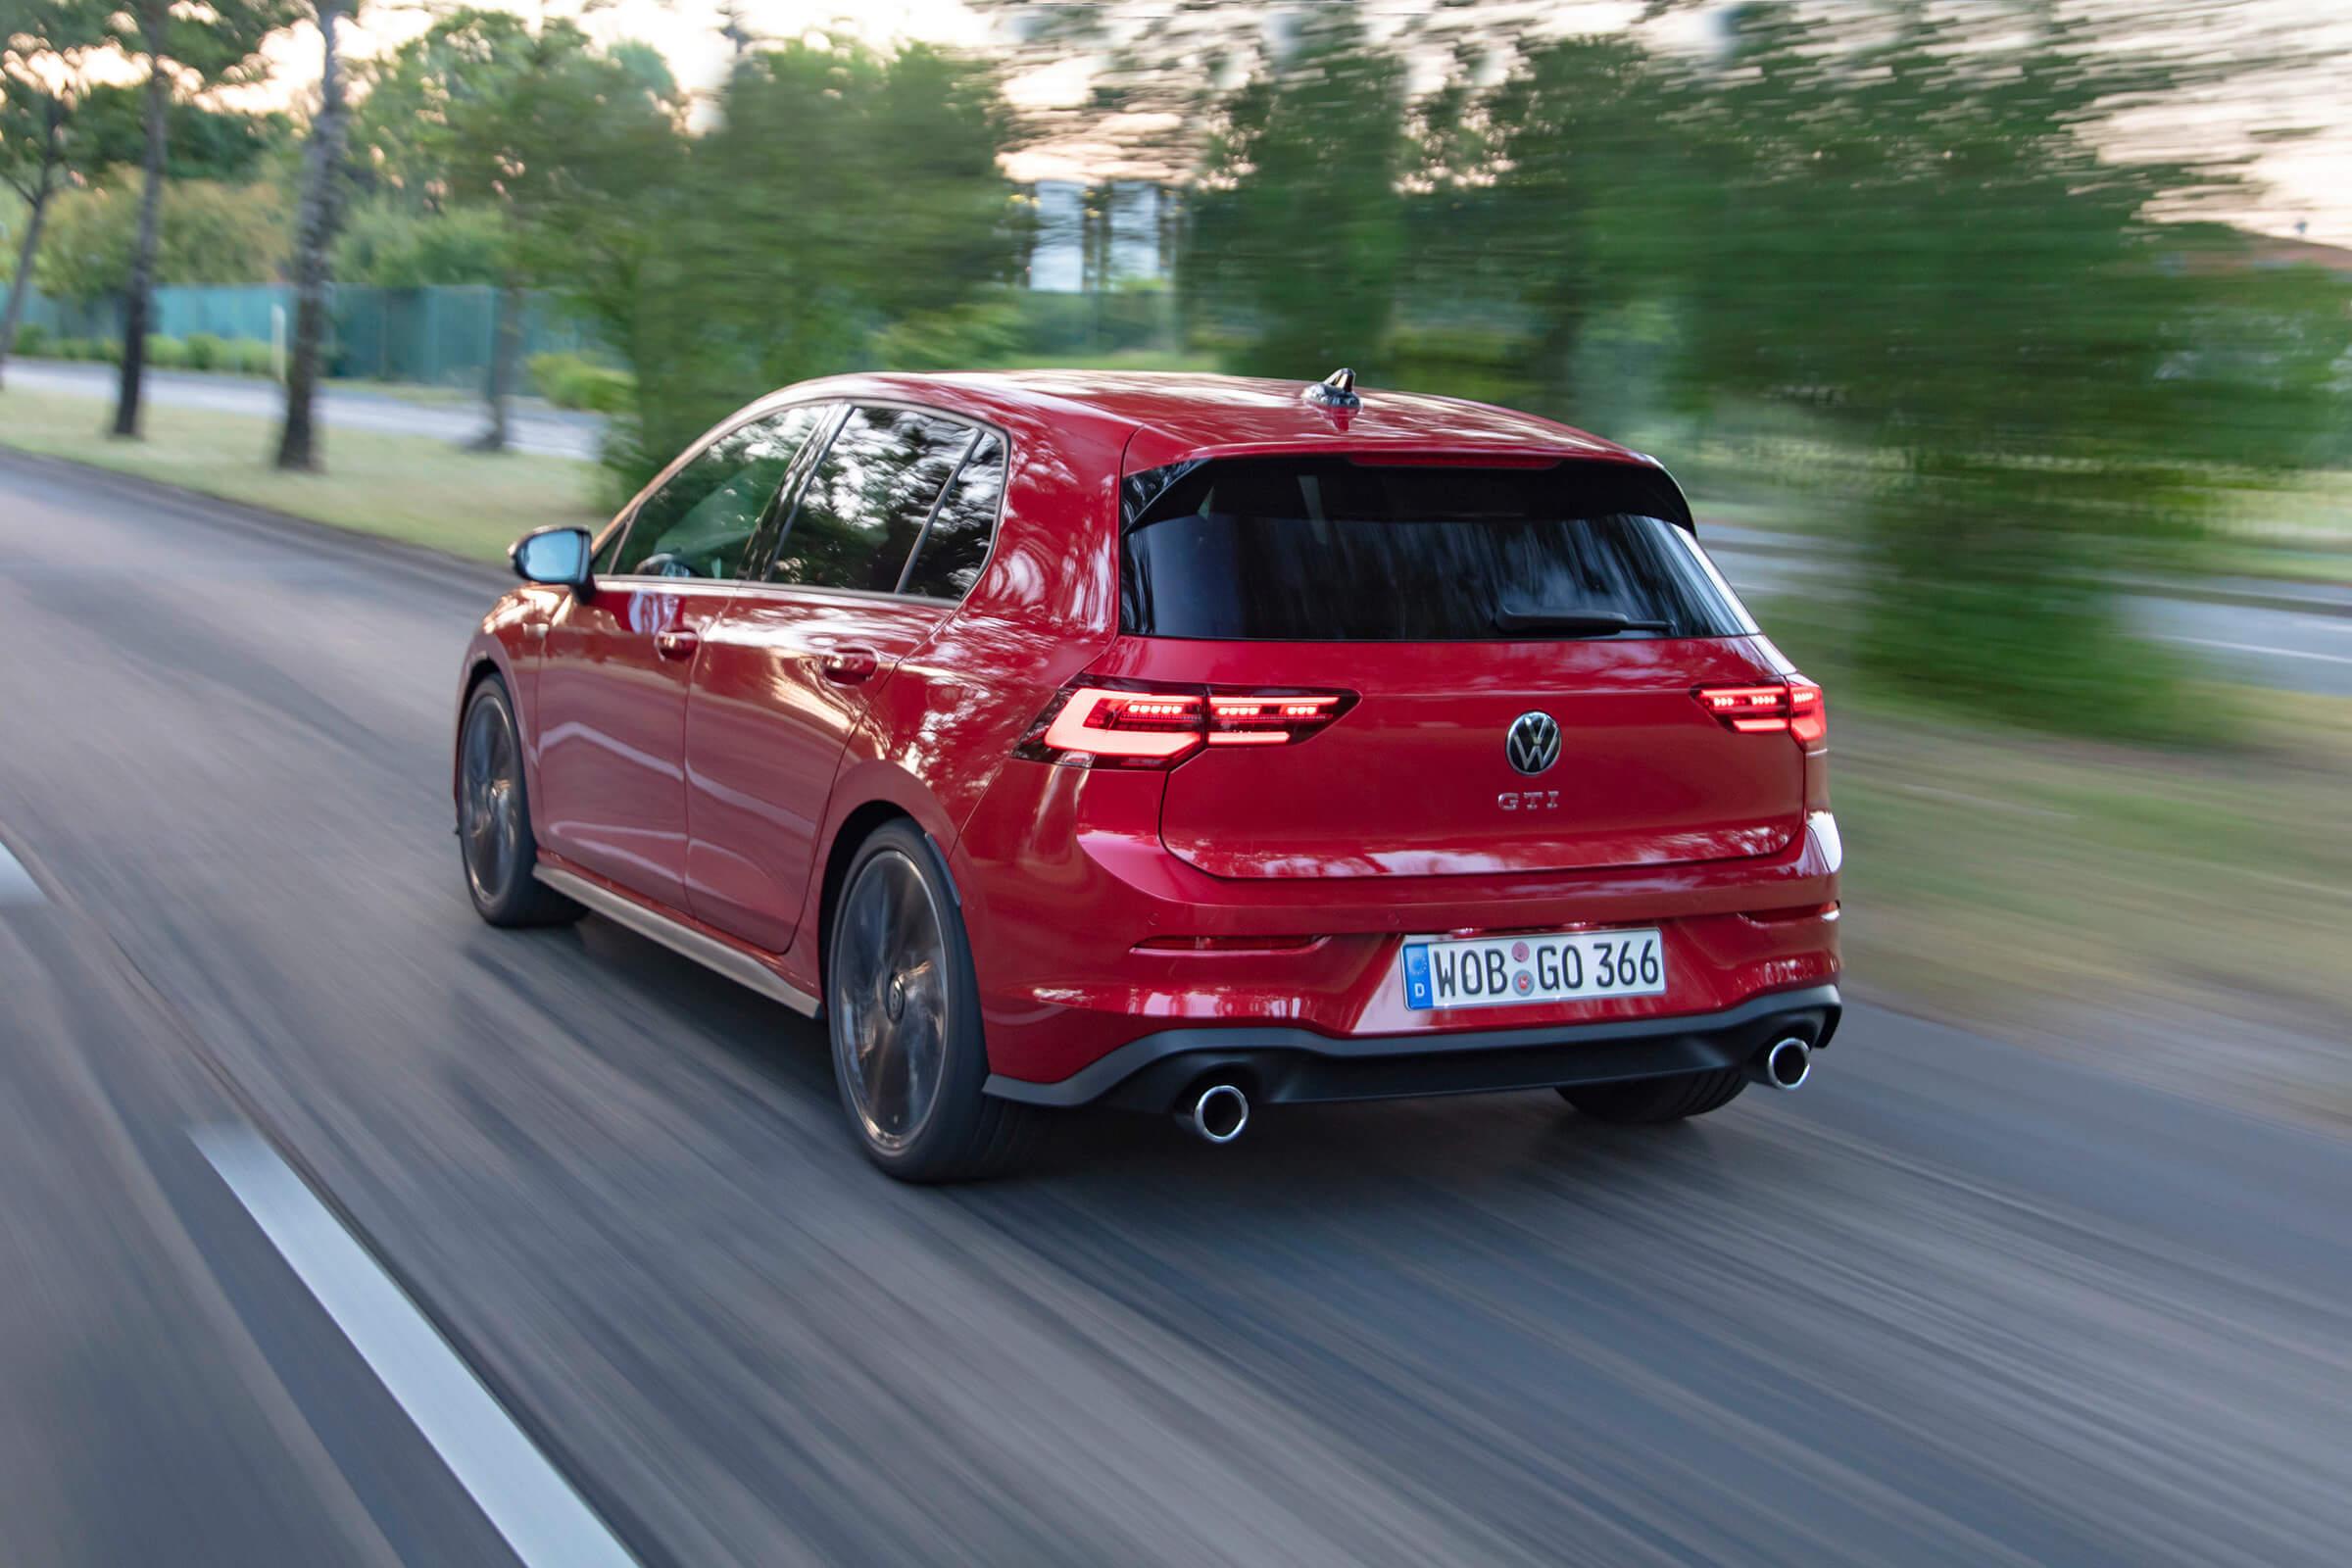 Νέο Volkswagen Golf GTI - Πίσω όψη